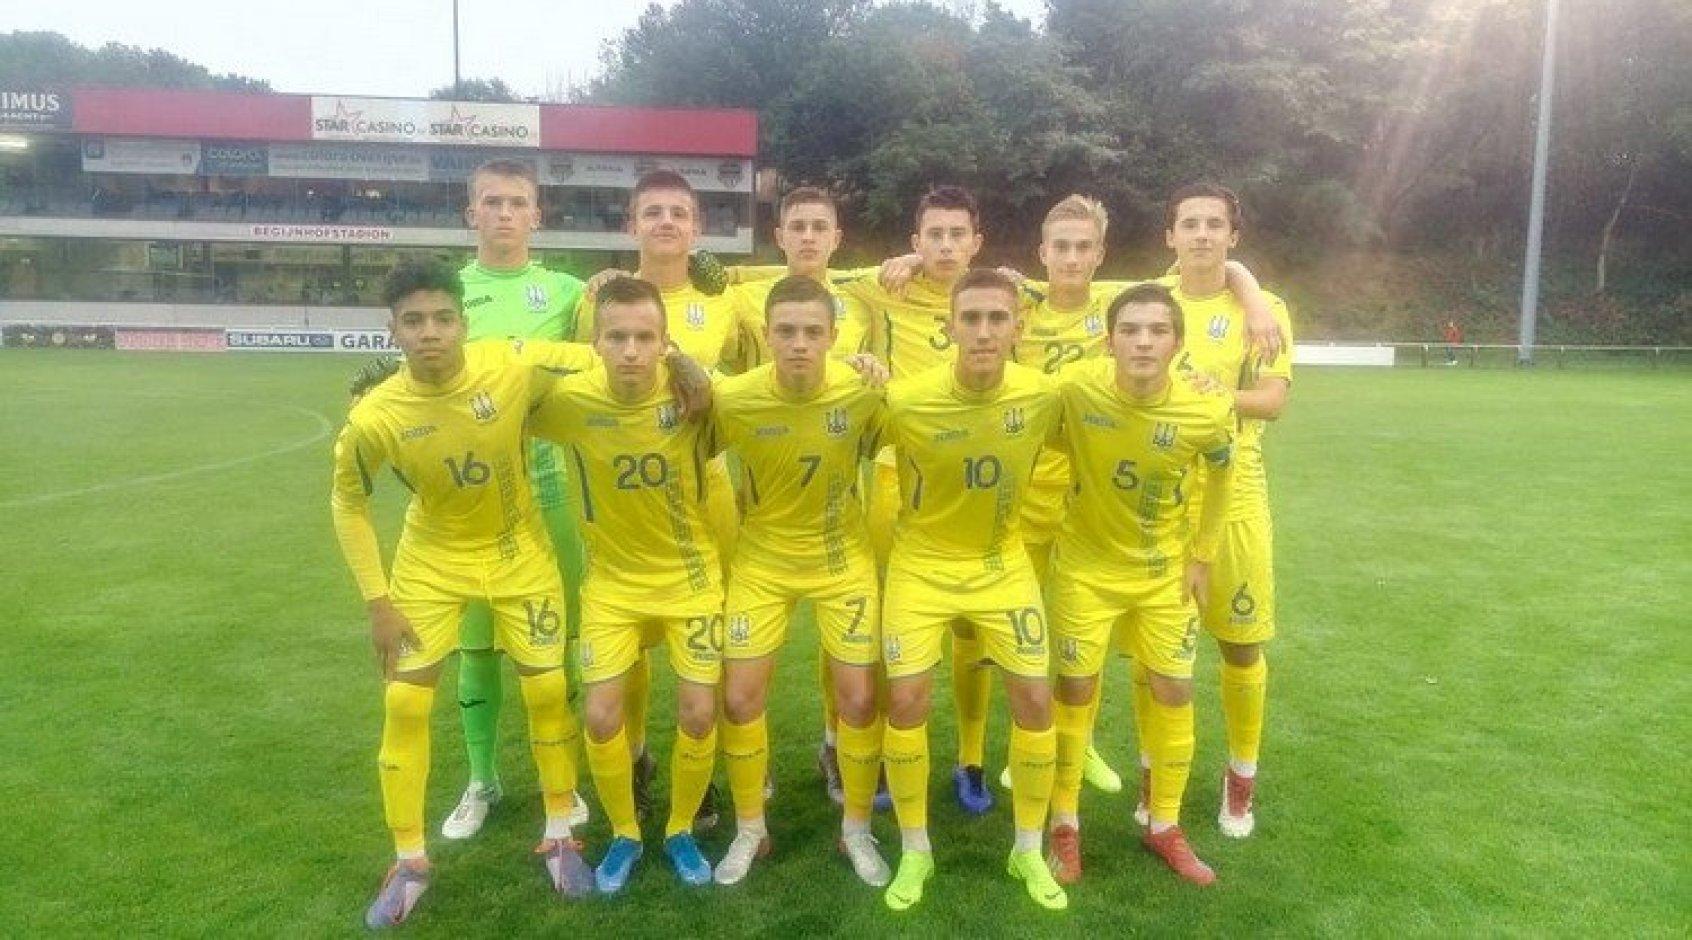 Товариський матч. Грузія (U-16) - Україна (U-16) 1:2. До останньої секунди